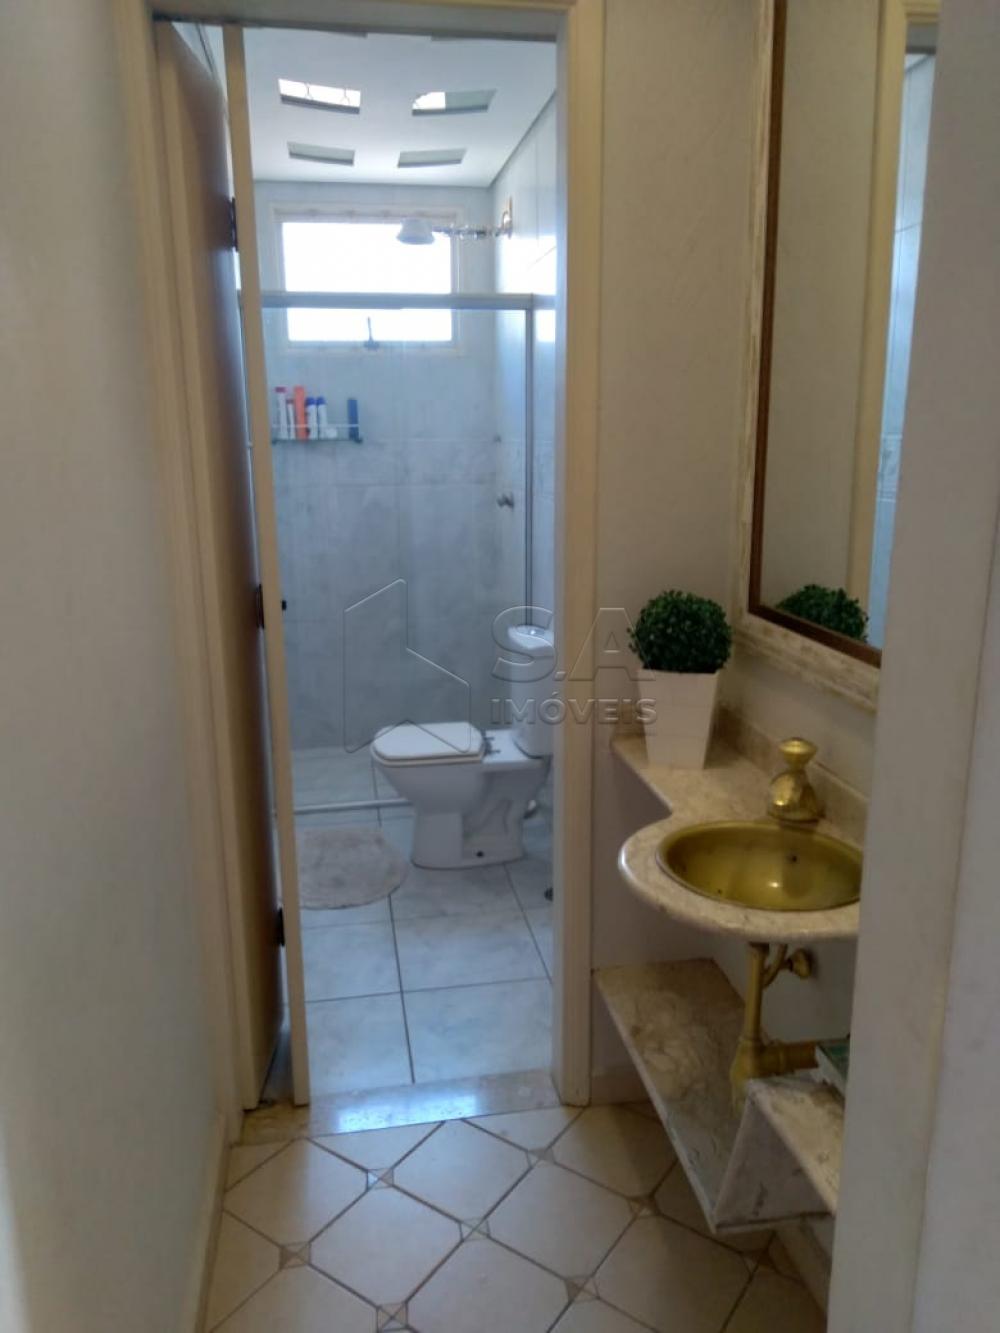 Comprar Apartamento / Padrão em Botucatu apenas R$ 370.000,00 - Foto 10